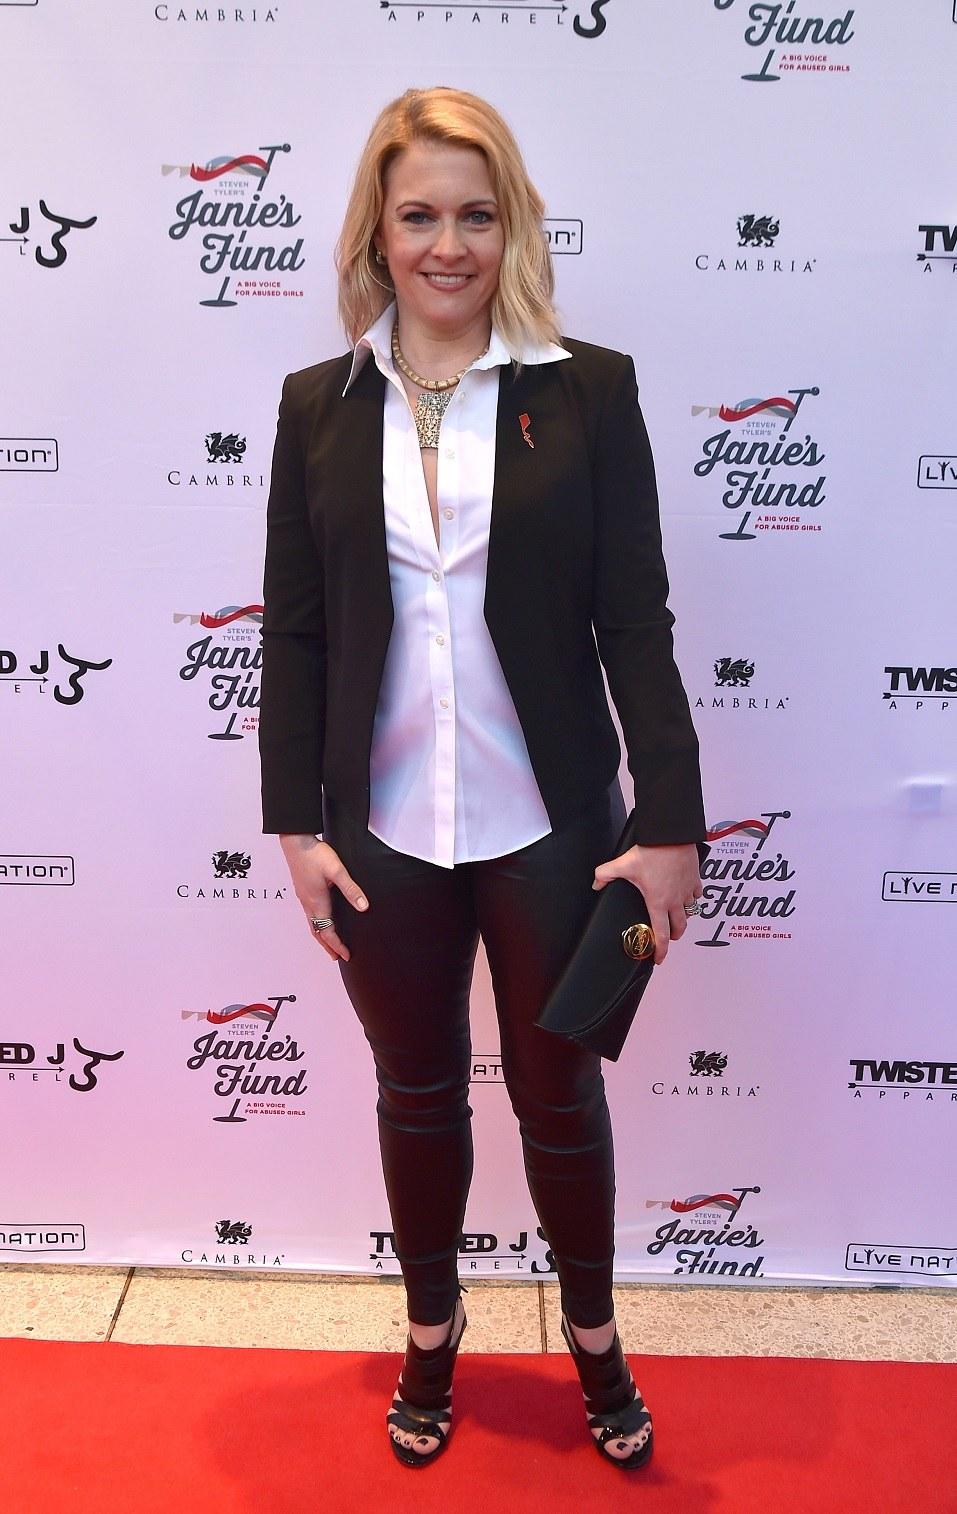 Actress Melissa Joan Hart attend Steven Tyler's Out on a Limb show